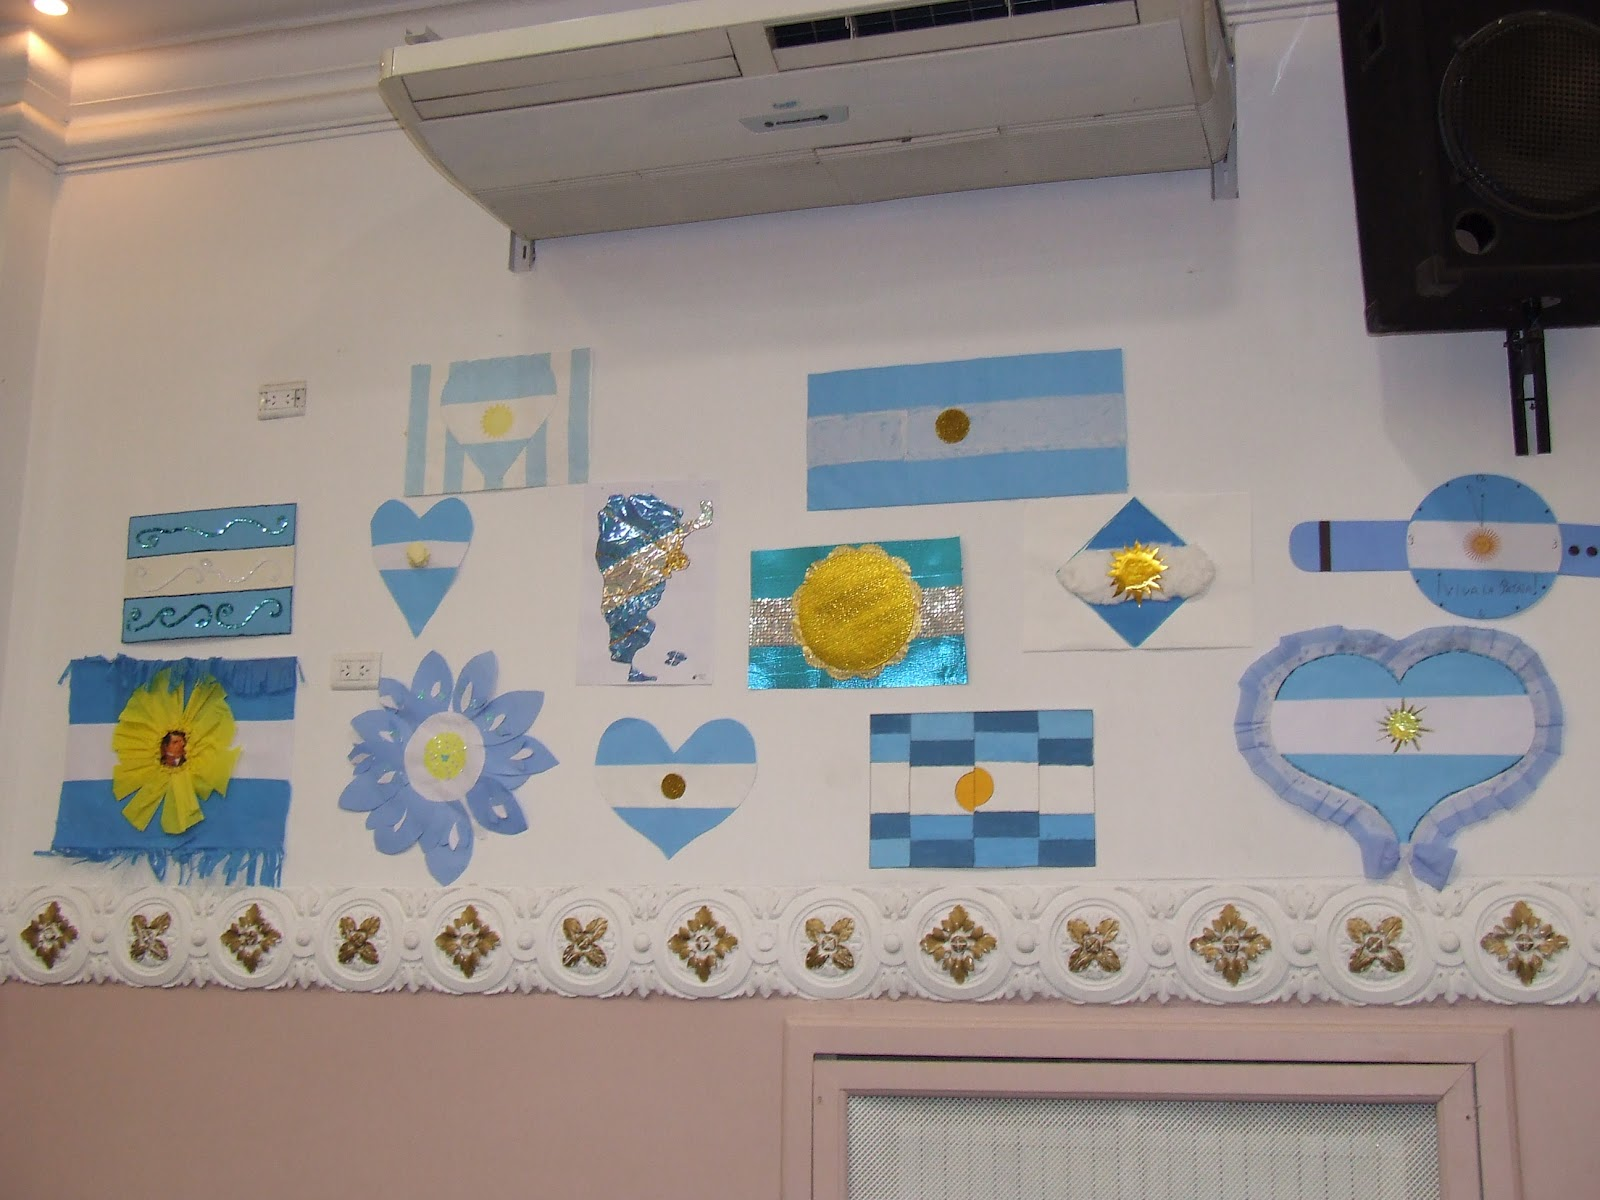 Colegio argentino rabe omar bin al jattab a 1120 for Decoracion 25 de mayo nivel inicial